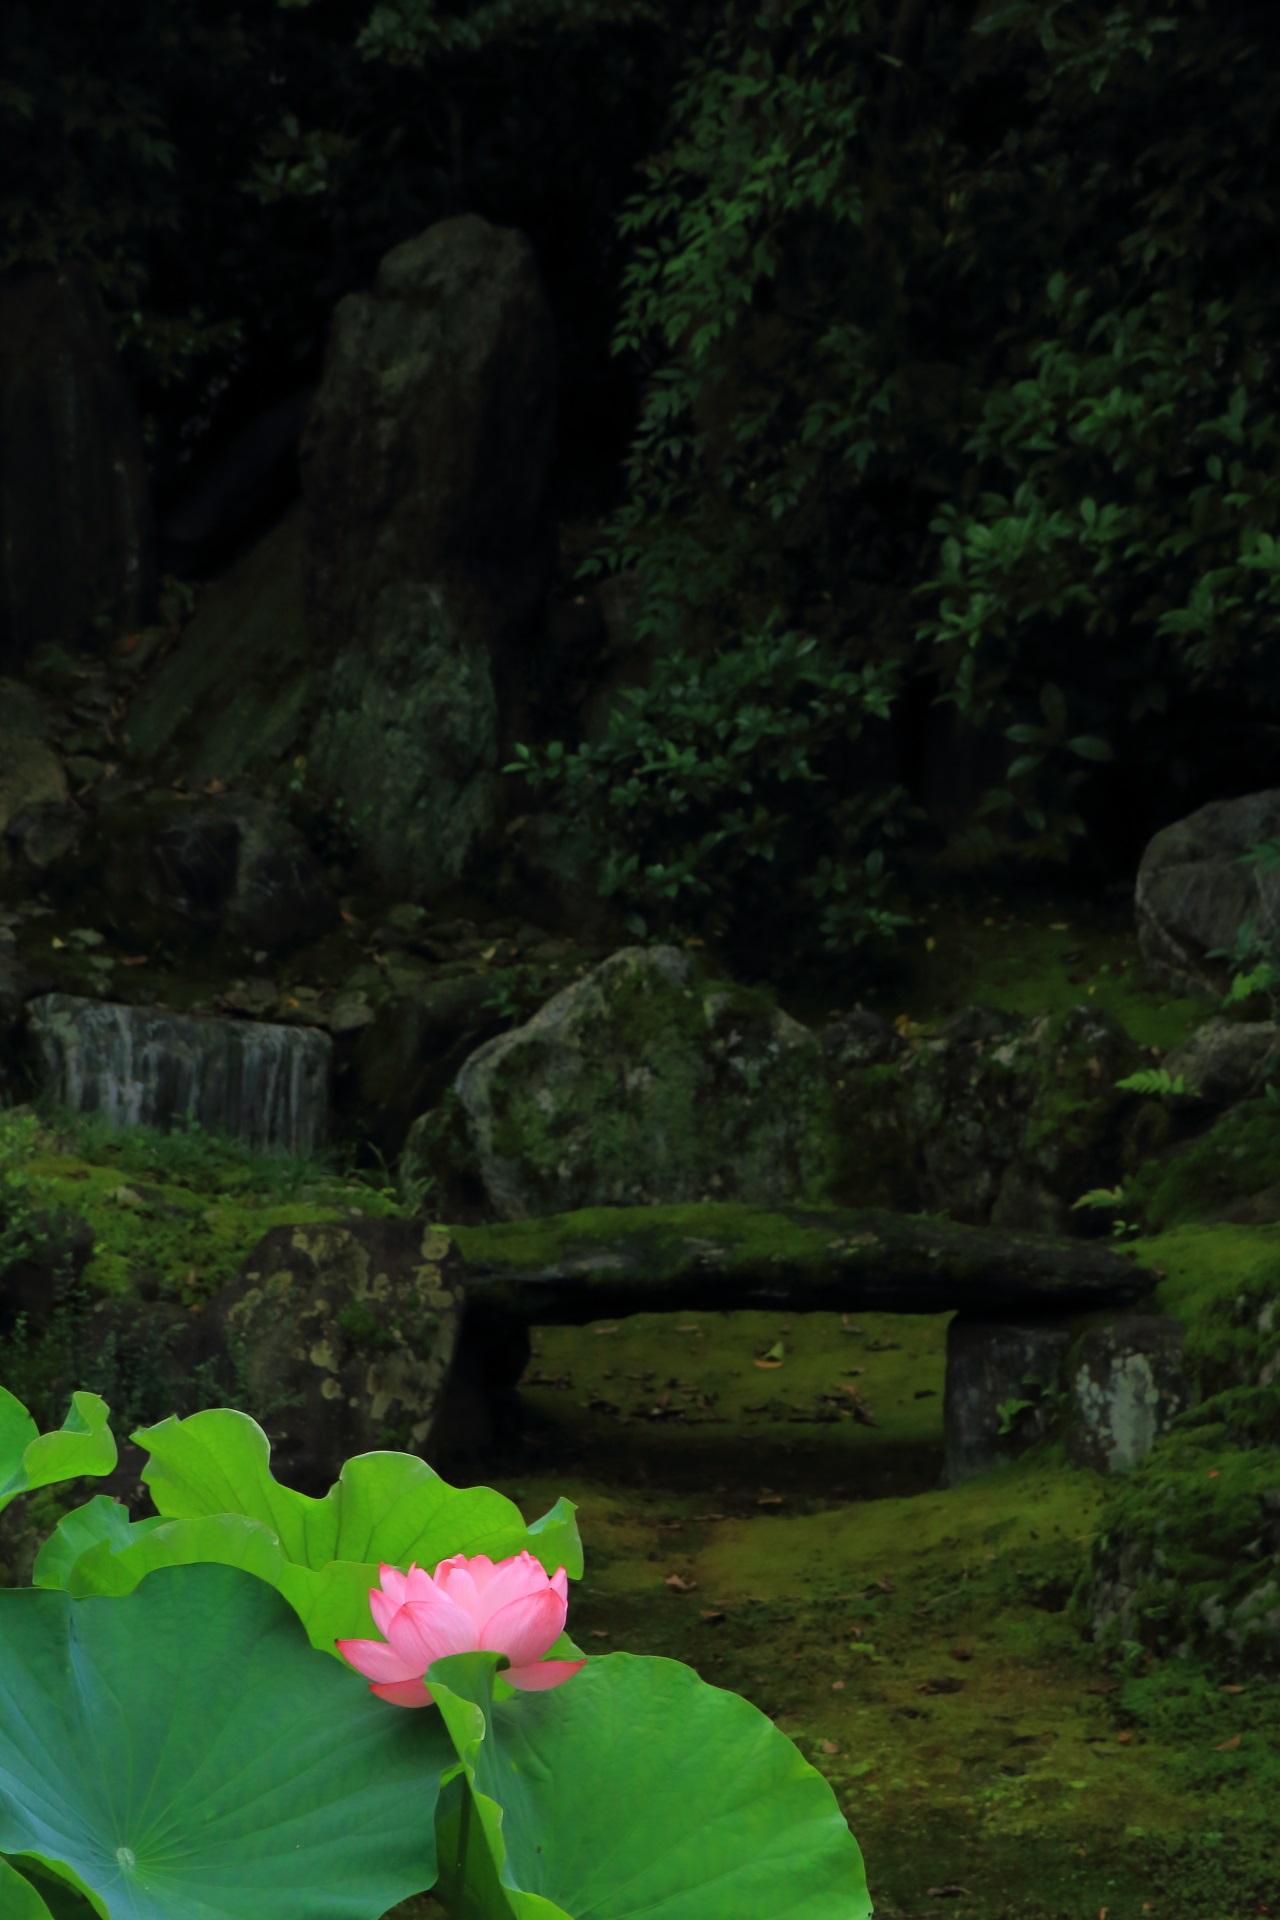 巴の庭の築山と枯瀧と満開の蓮の花